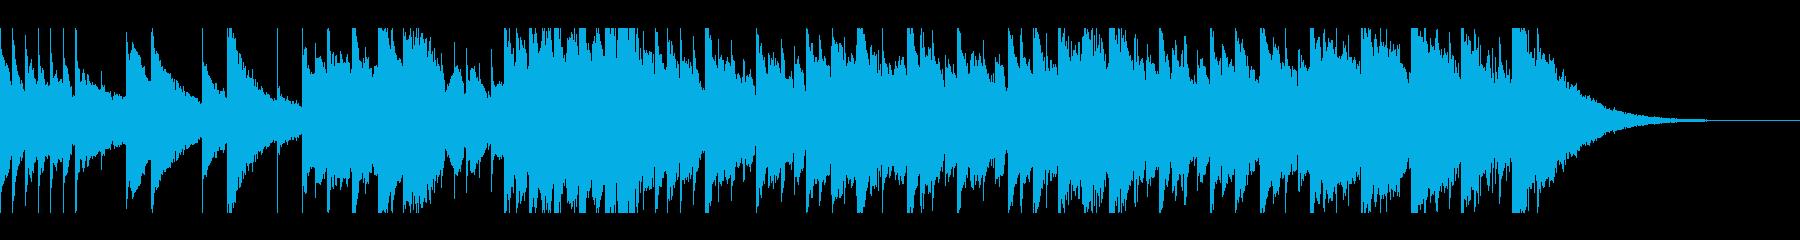 せつない雰囲気のオルゴール曲の再生済みの波形